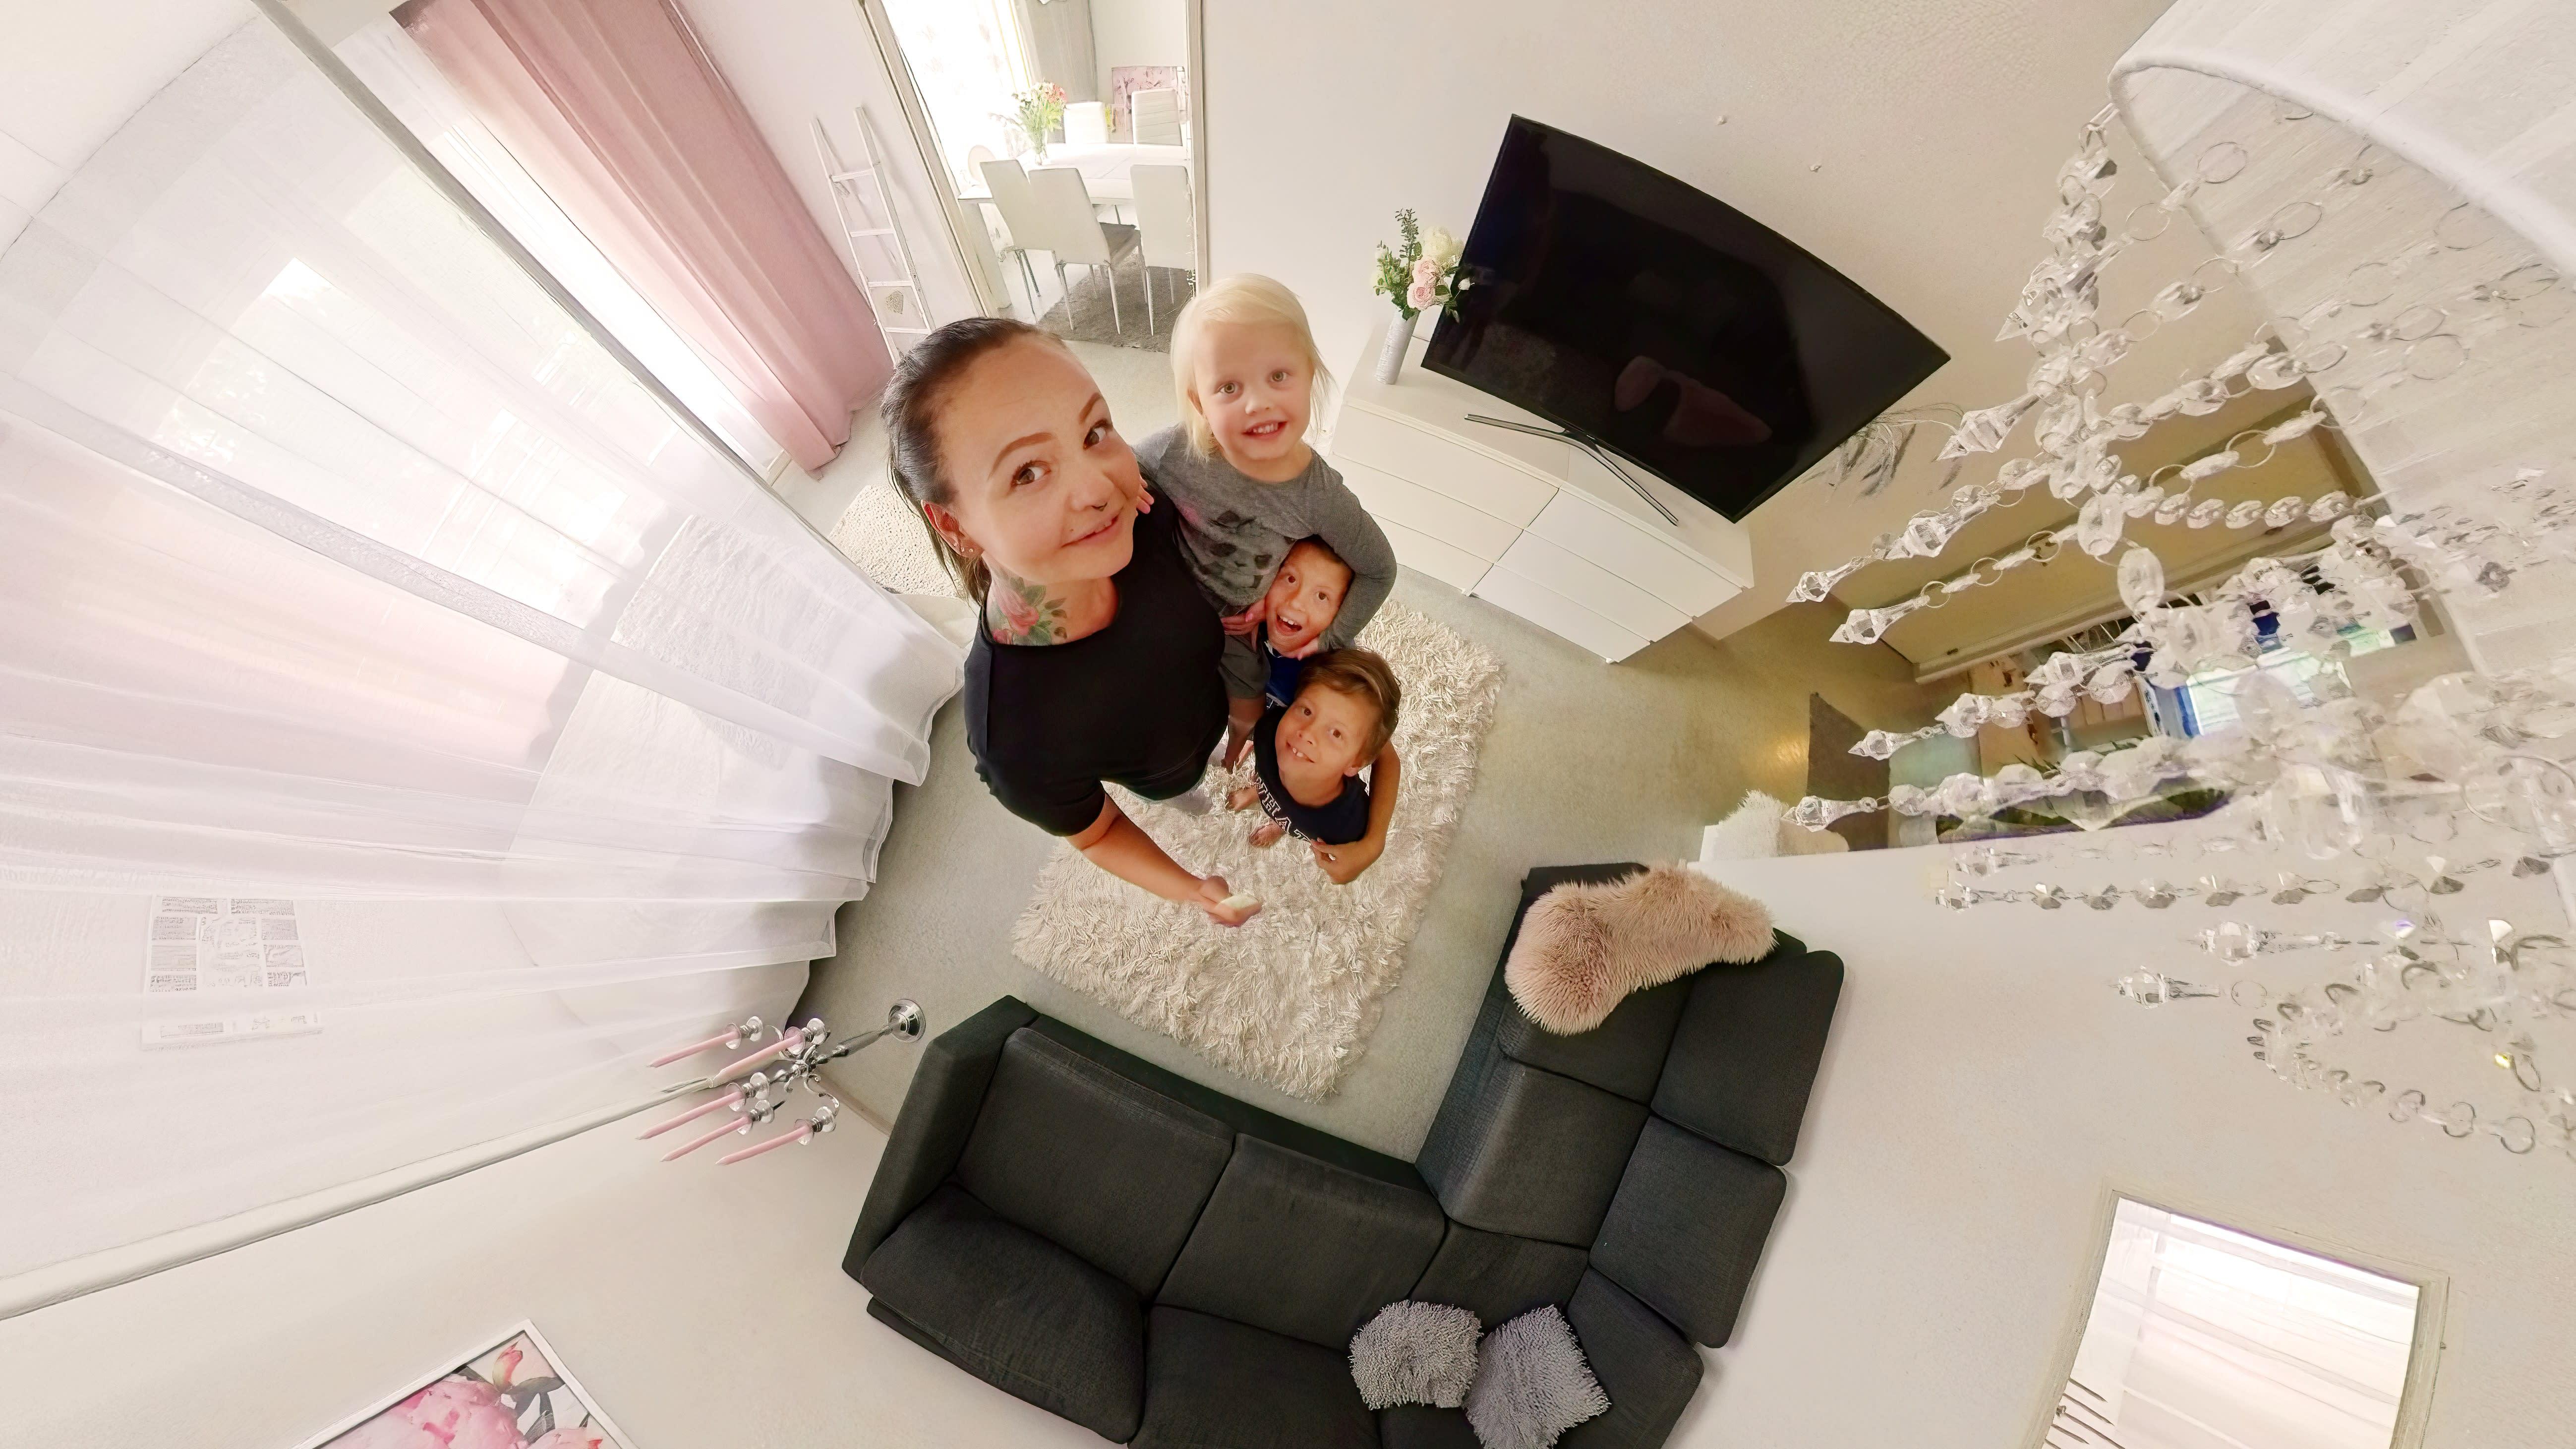 Lehtosen perhe kuvattuna ylhäältä päin. Perheen äiti Niina Lehtonen pitelee sylisään kolmivuotiasta Anna Hynnistä, ja vieressä seisovat kolmannelle luokalle menevät kaksoispojat Jese ja Noel Lehtonen.